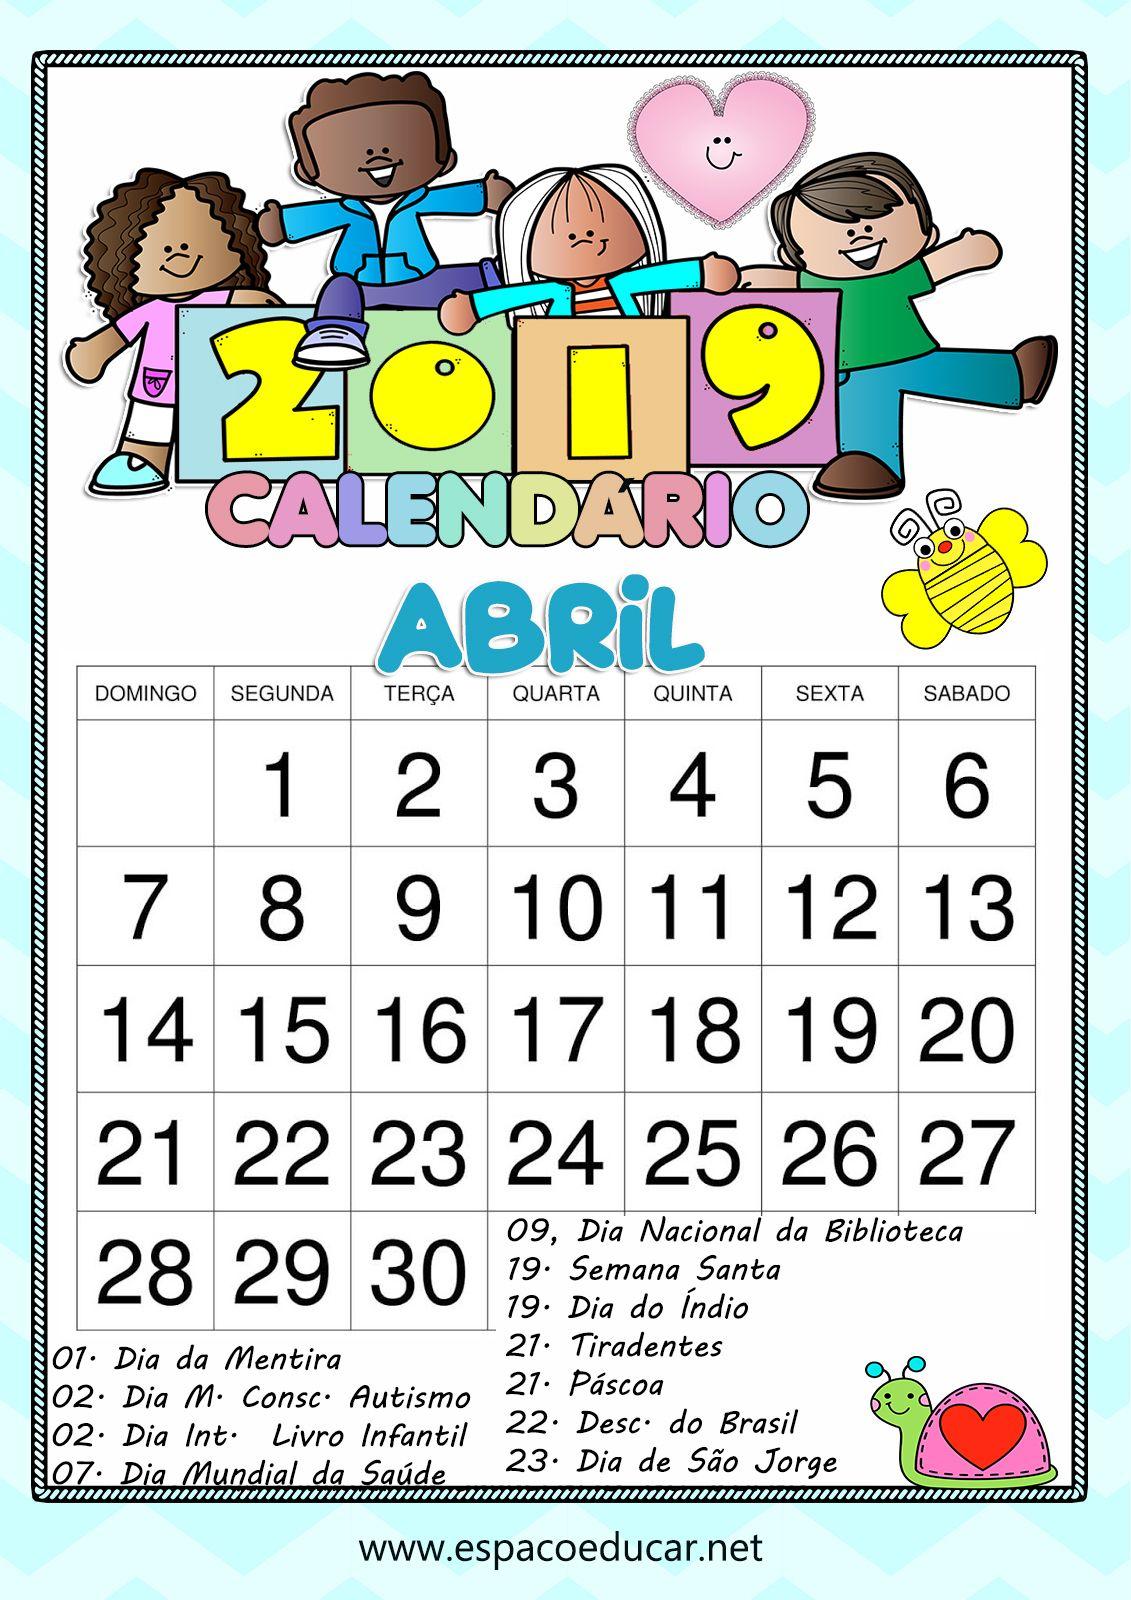 Calendario Abril De 2019 Para Imprimir Com Todos Os Feriados E Datas Colorido Fofo Calendario Novembro Calendario Abril Datas Comemorativas Educacao Infantil